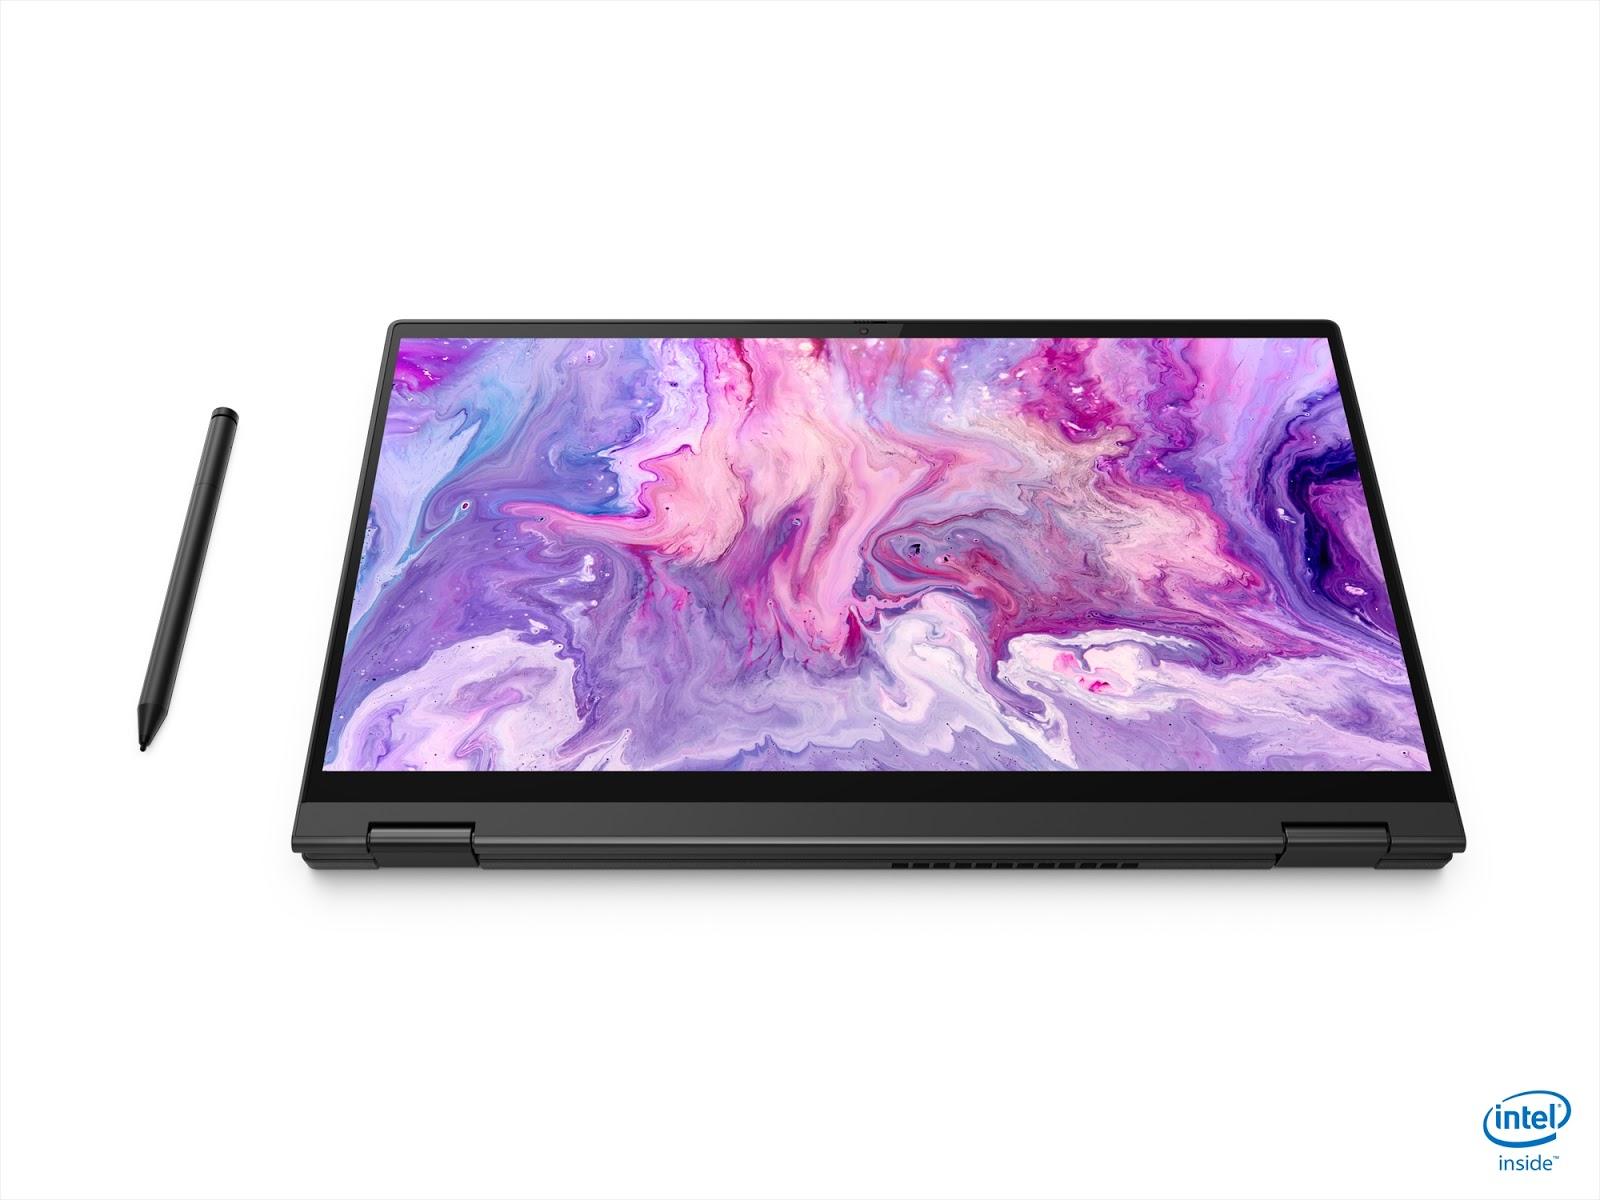 Lenovo IdeaPad Flex 5 ขุมพลังแห่งความบันเทิงสไตล์ 2-in-1วางจำหน่ายแล้วในประเทศไทย